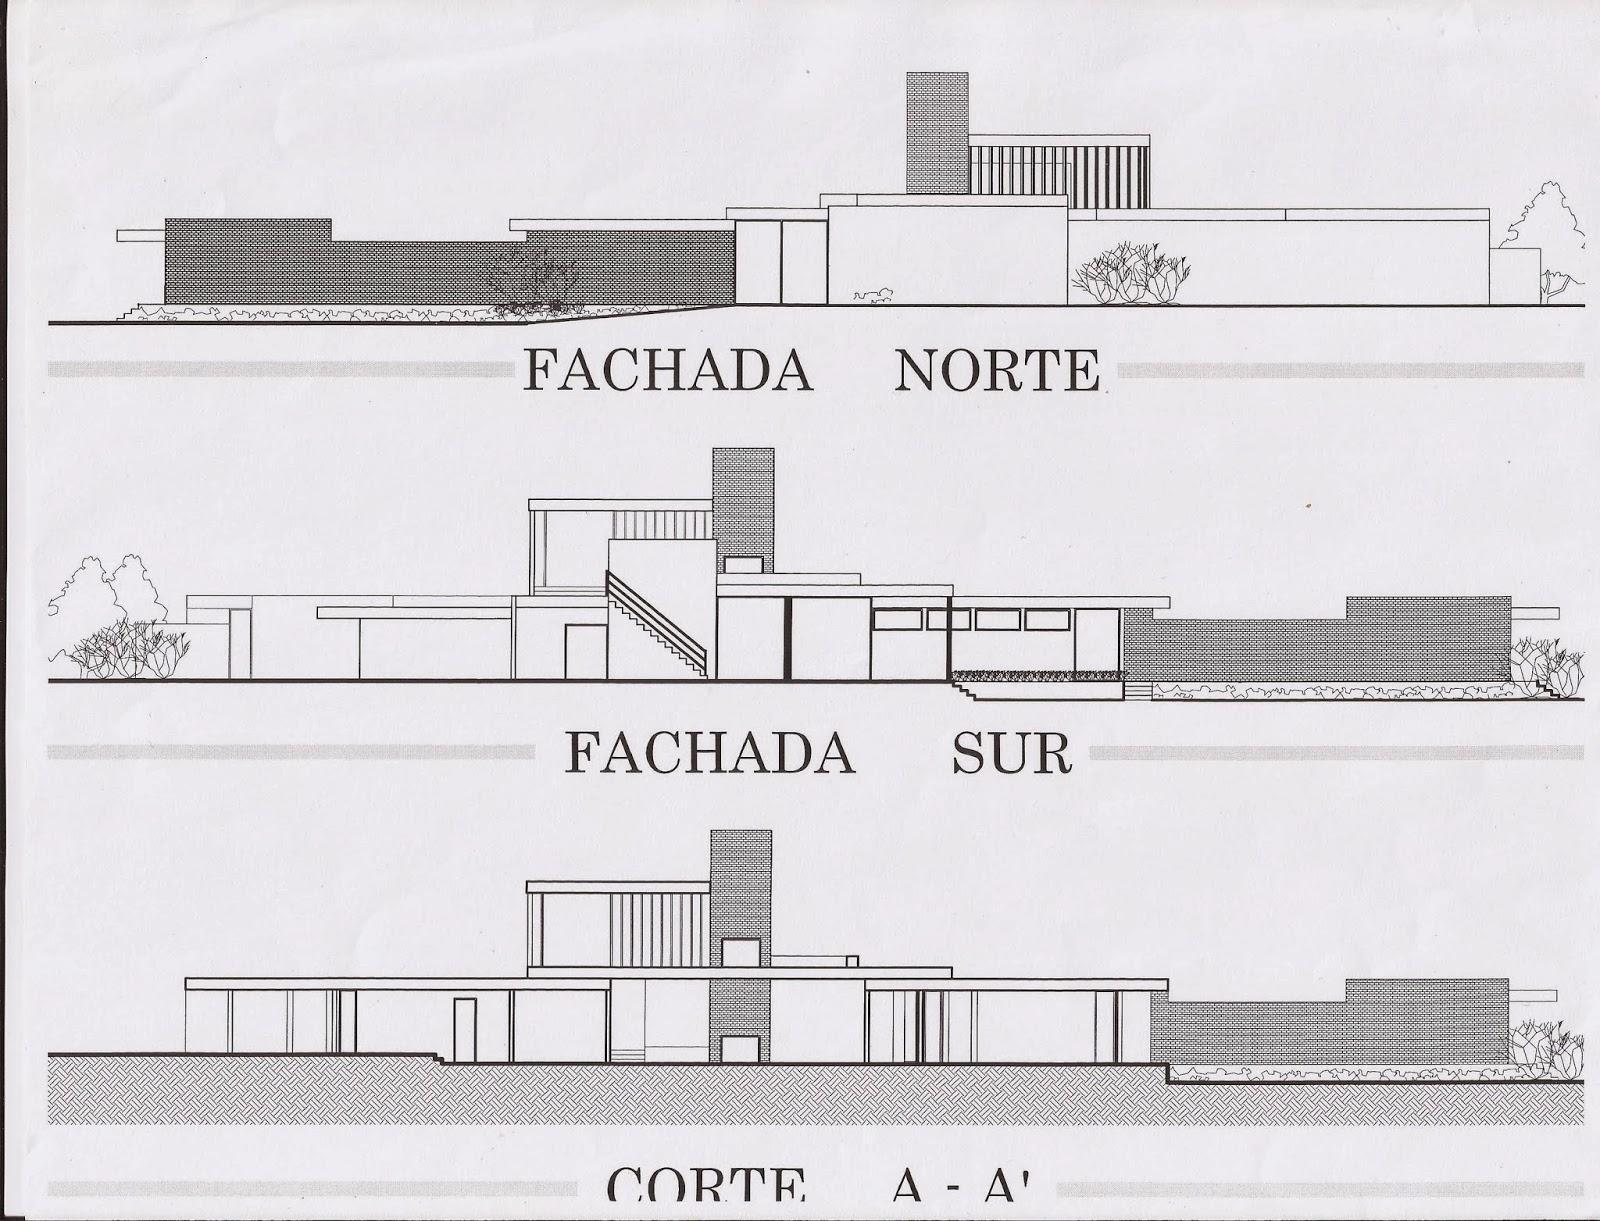 Historia de la arquitectura moderna casa del desierto for Arquitectura de casas modernas planos